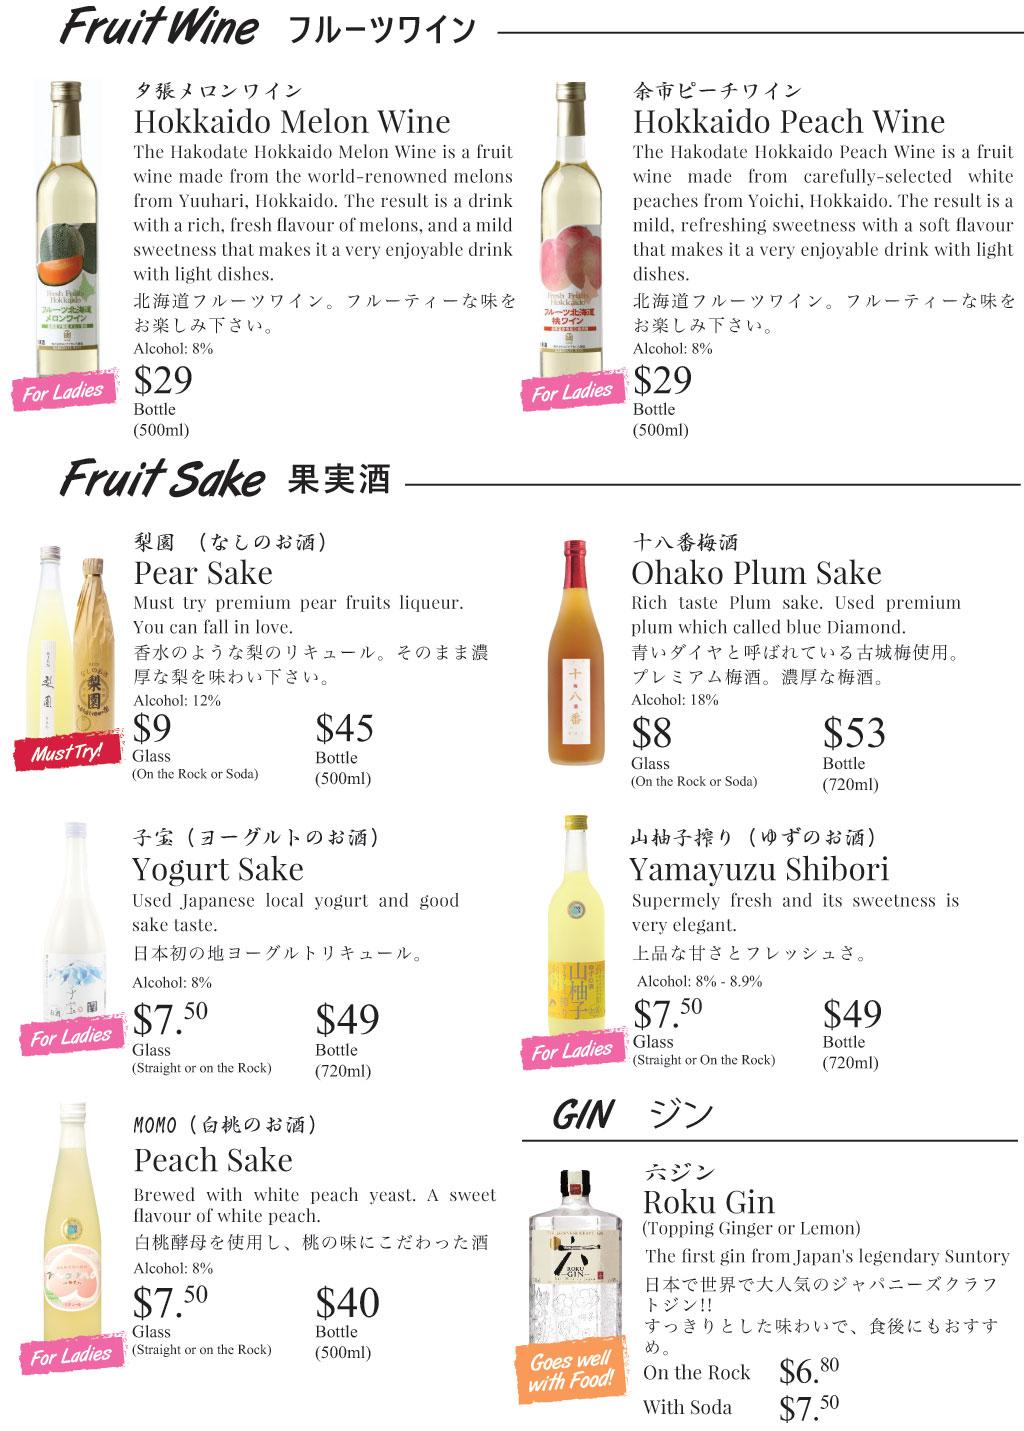 Hokkaido-Izakaya-_April-2018__Fruit-Sake,-Fruit-Wine_IMG_printfile.jpg